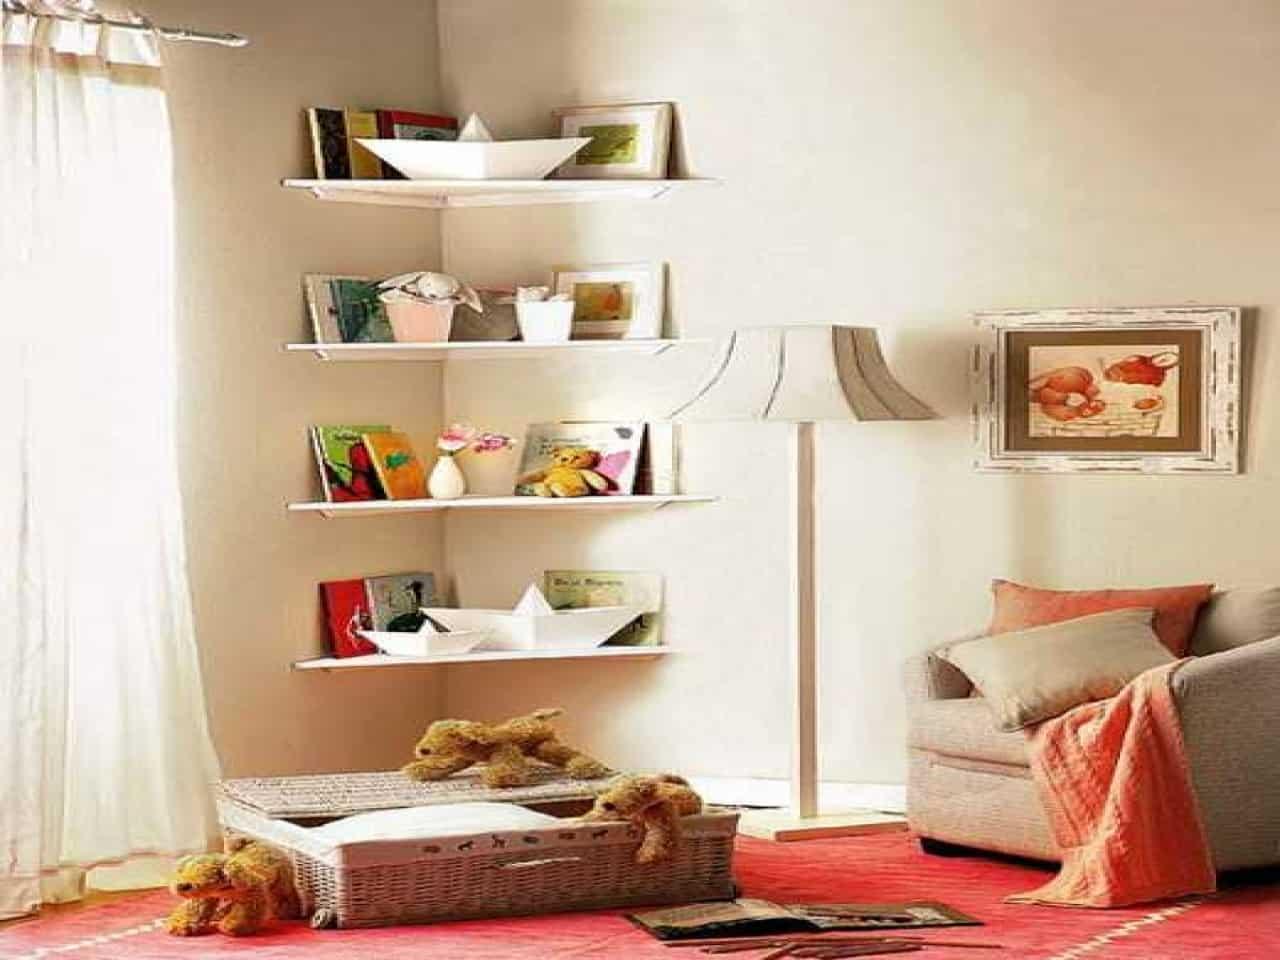 Space efficient corner shelves